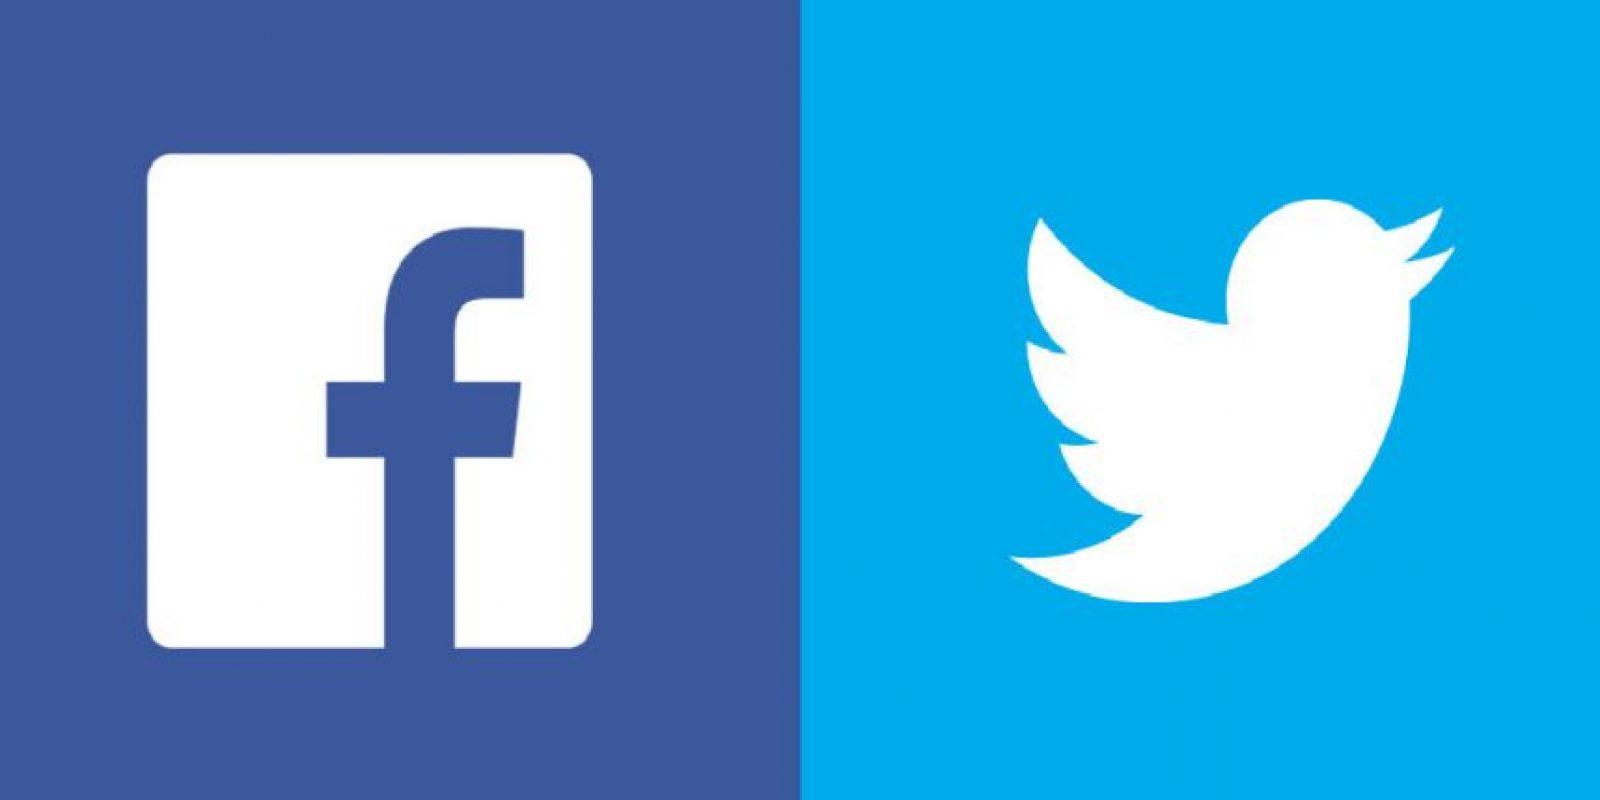 Cuidado con a quién le dan acceso a sus redes. Foto:Twitter/Facebook